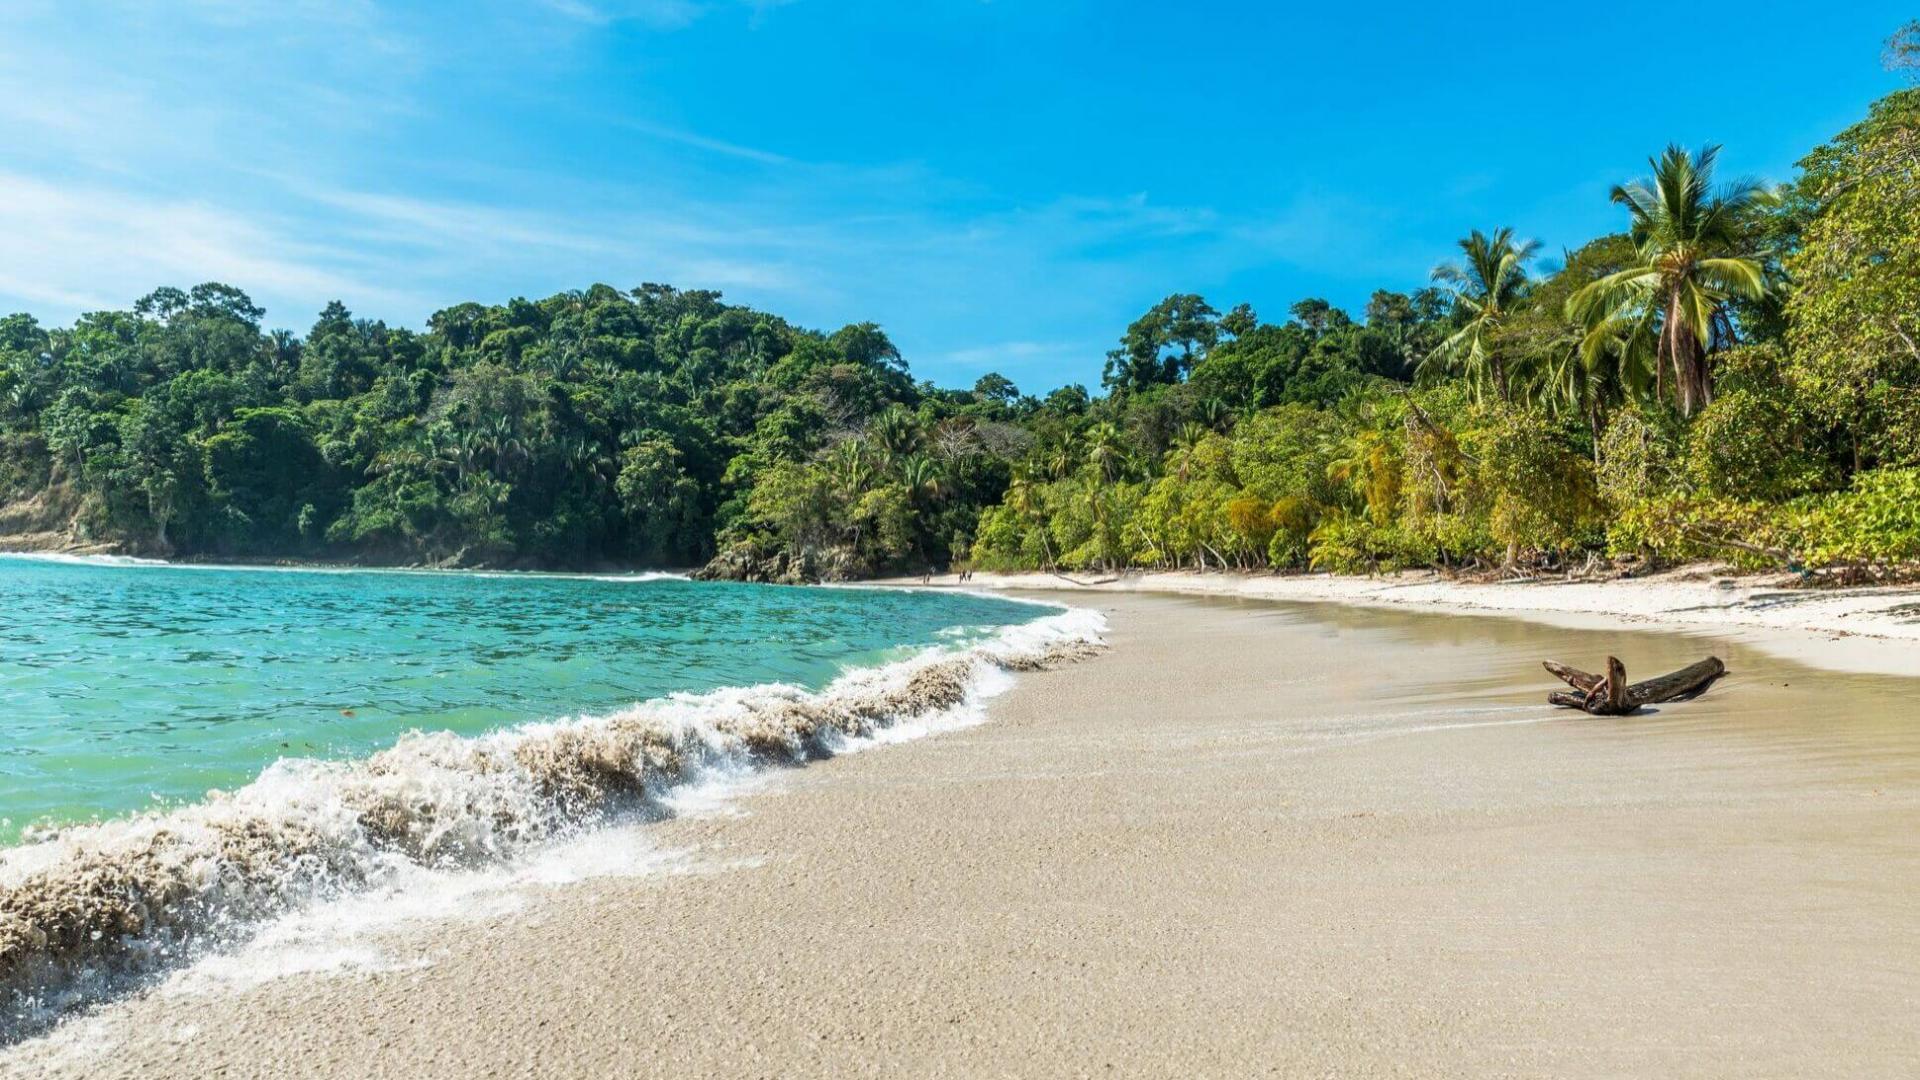 Nuostabi laukinė gamta Puntarene